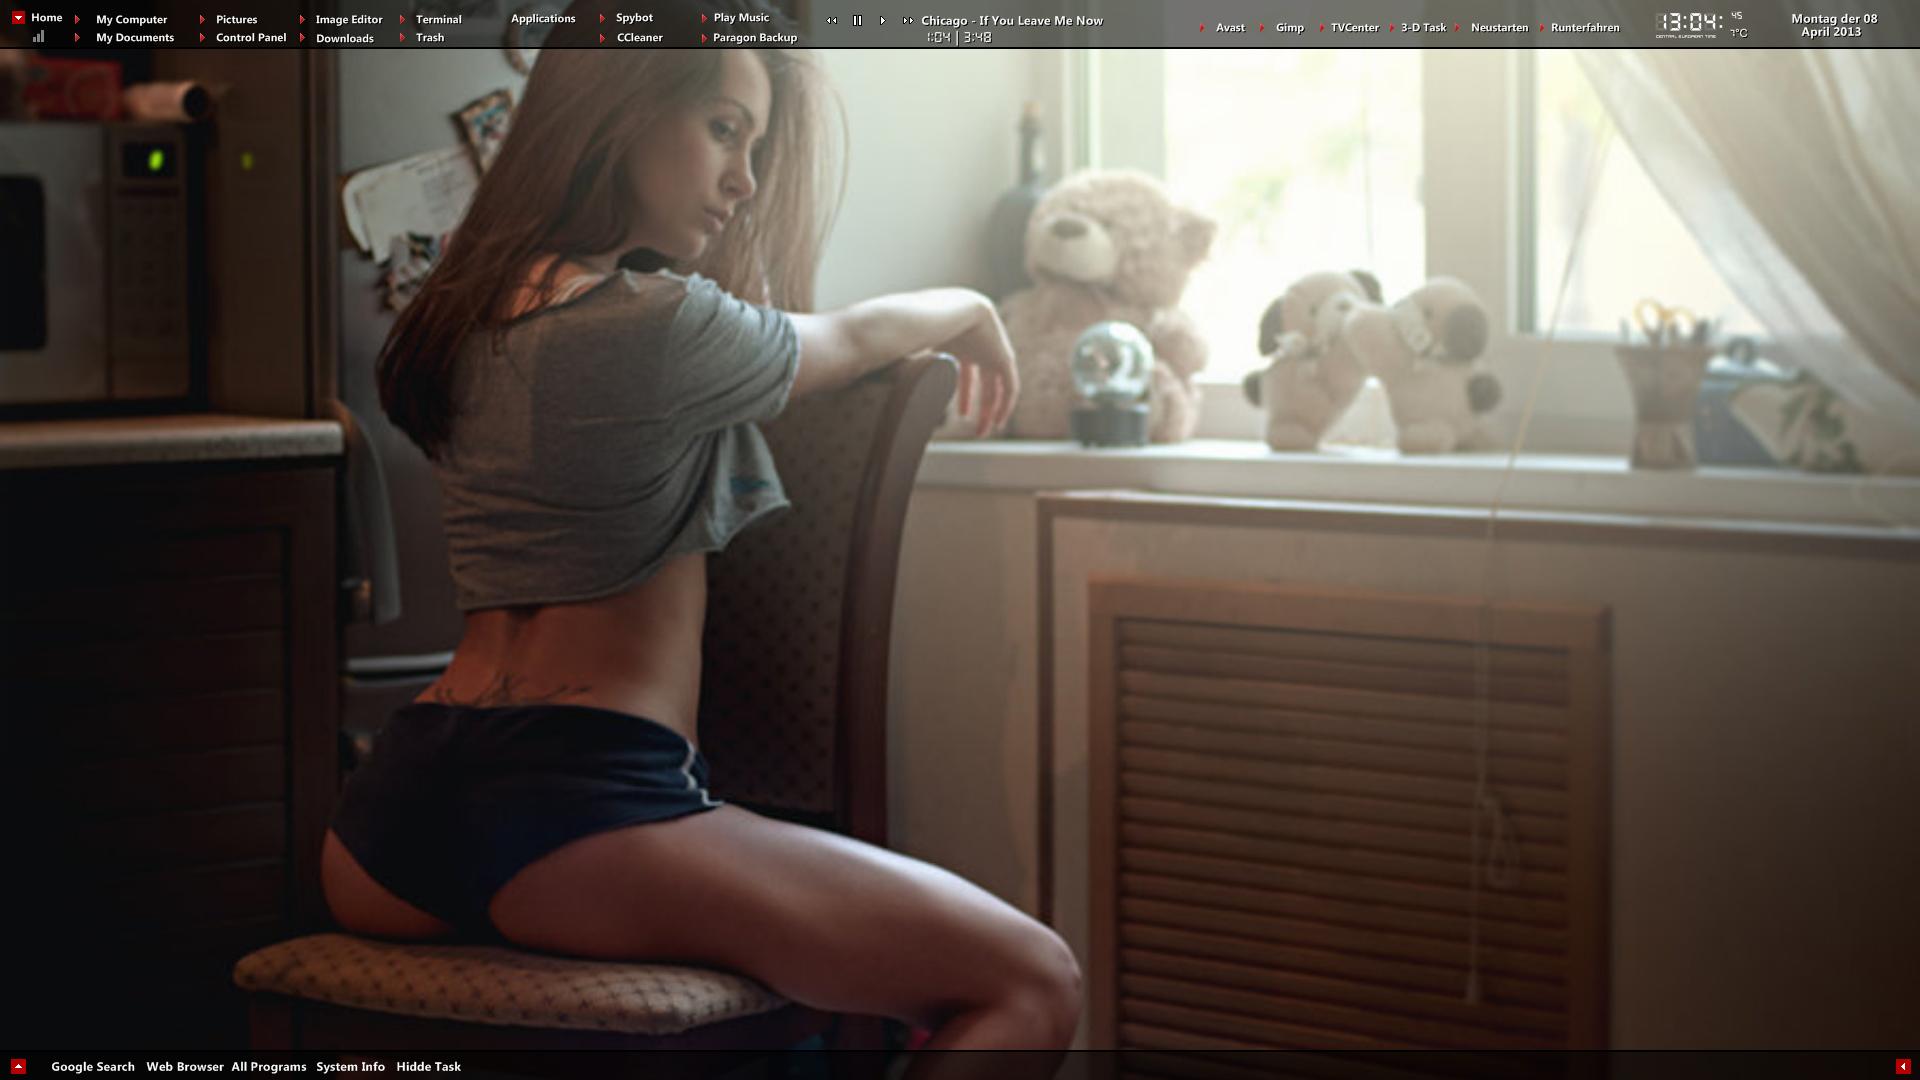 Beautiful Alyona Screen shot by DocBerlin77